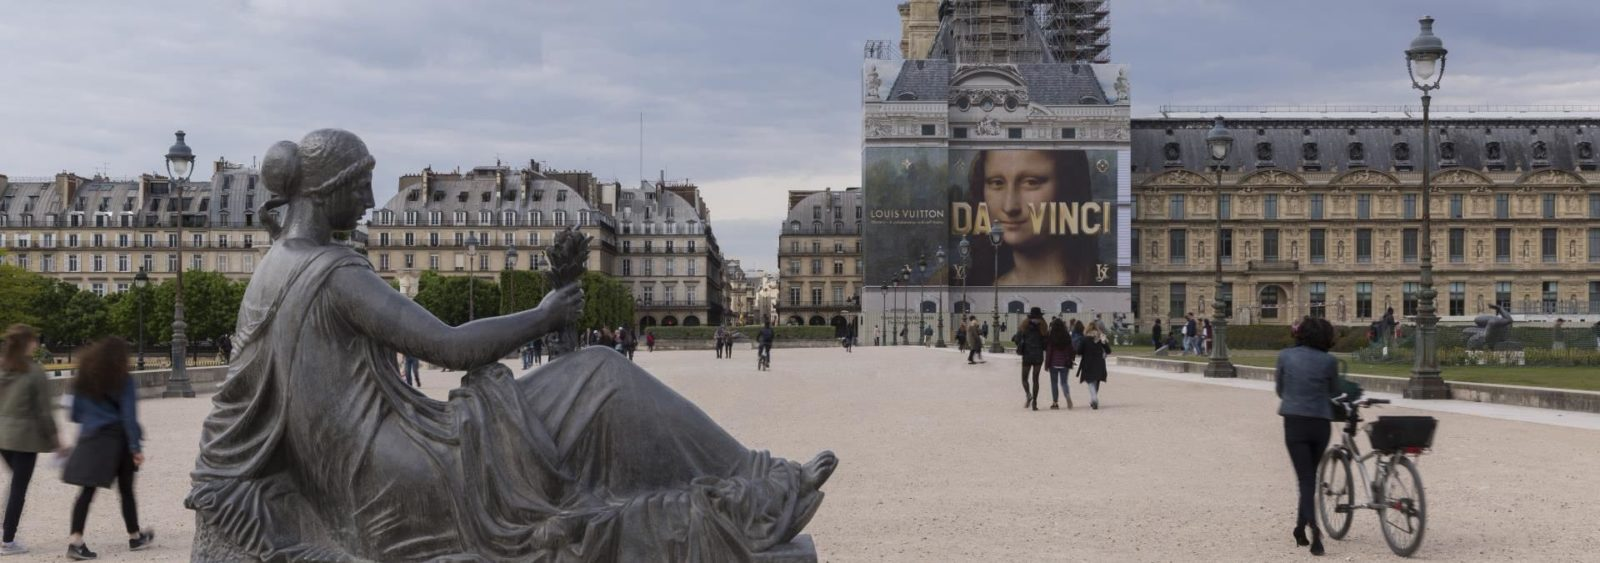 toile publicitaire lors de la restauration du monument historique du Louvre